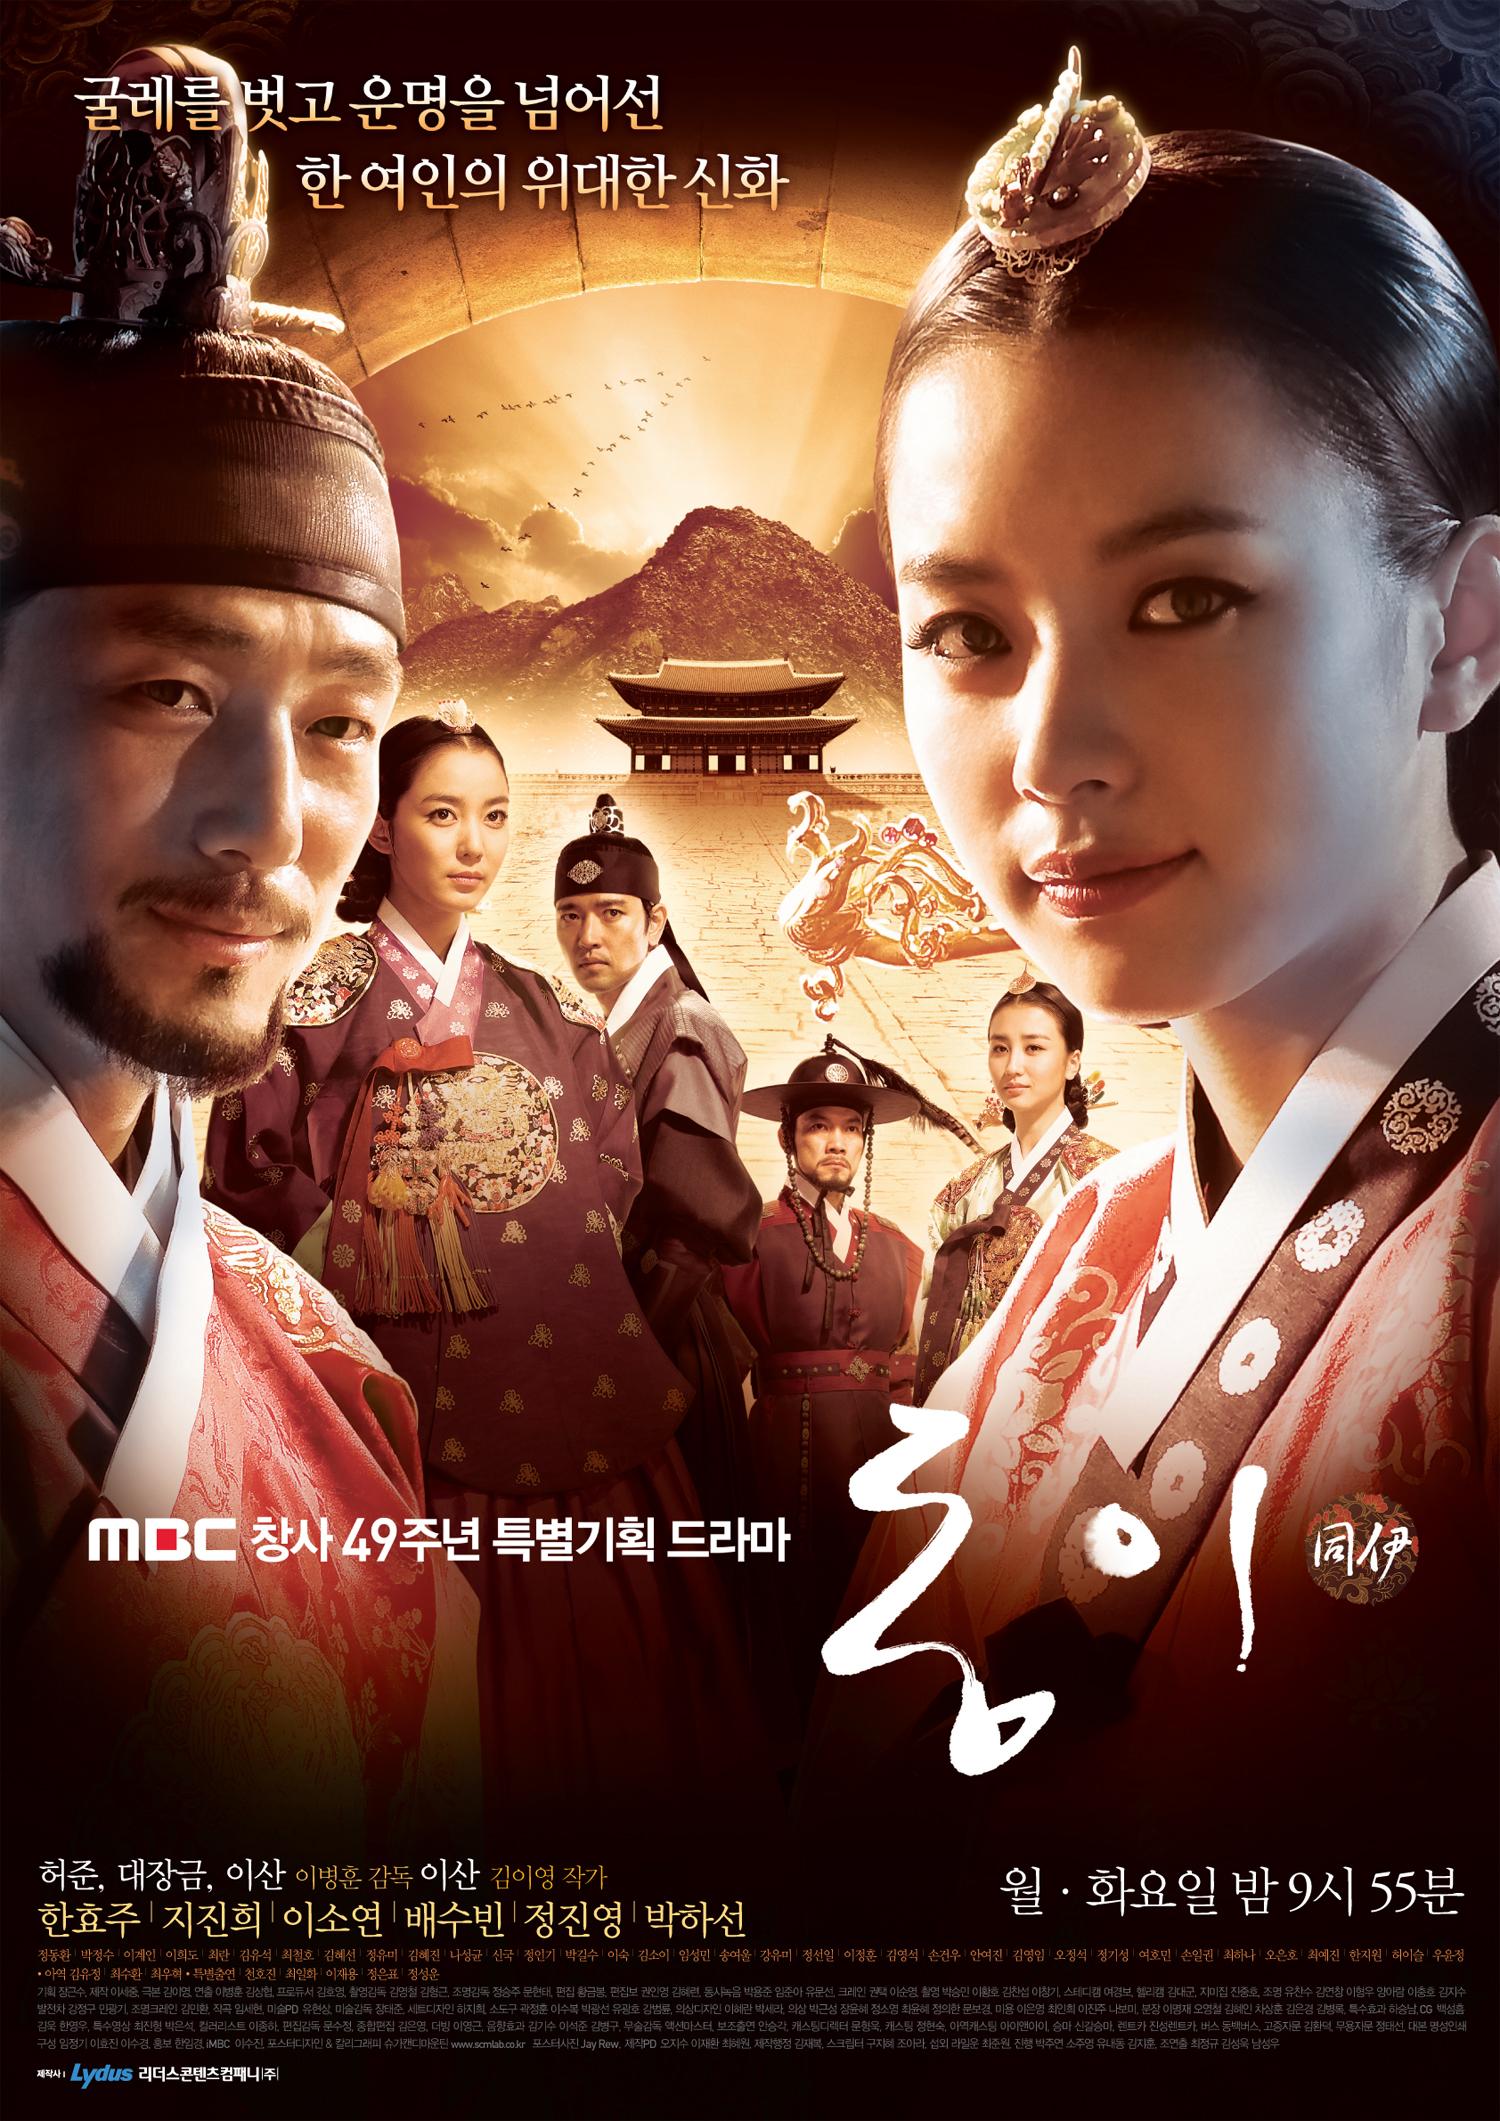 Dong-Yi-ทงอี-จอมนางคู่บัลลังก์